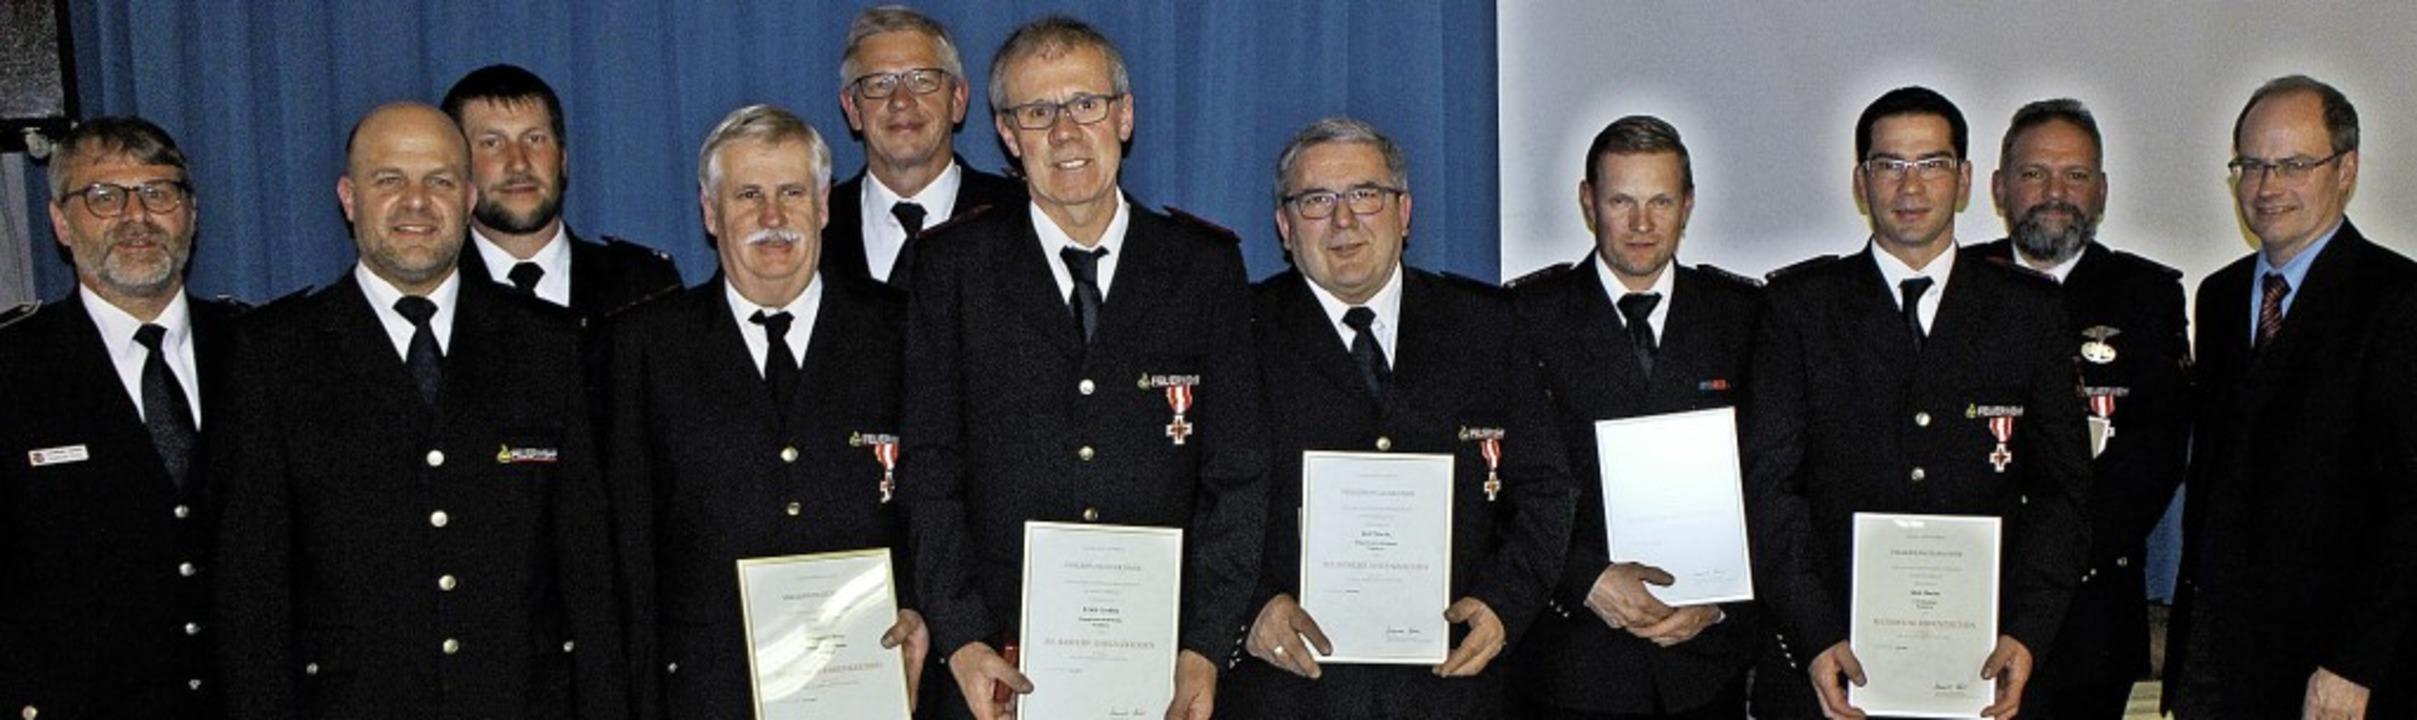 Geehrt für 25 Jahre aktiven Dienst   u...rmeister Christian Renkert  (rechts).   | Foto: Rolf Rhein